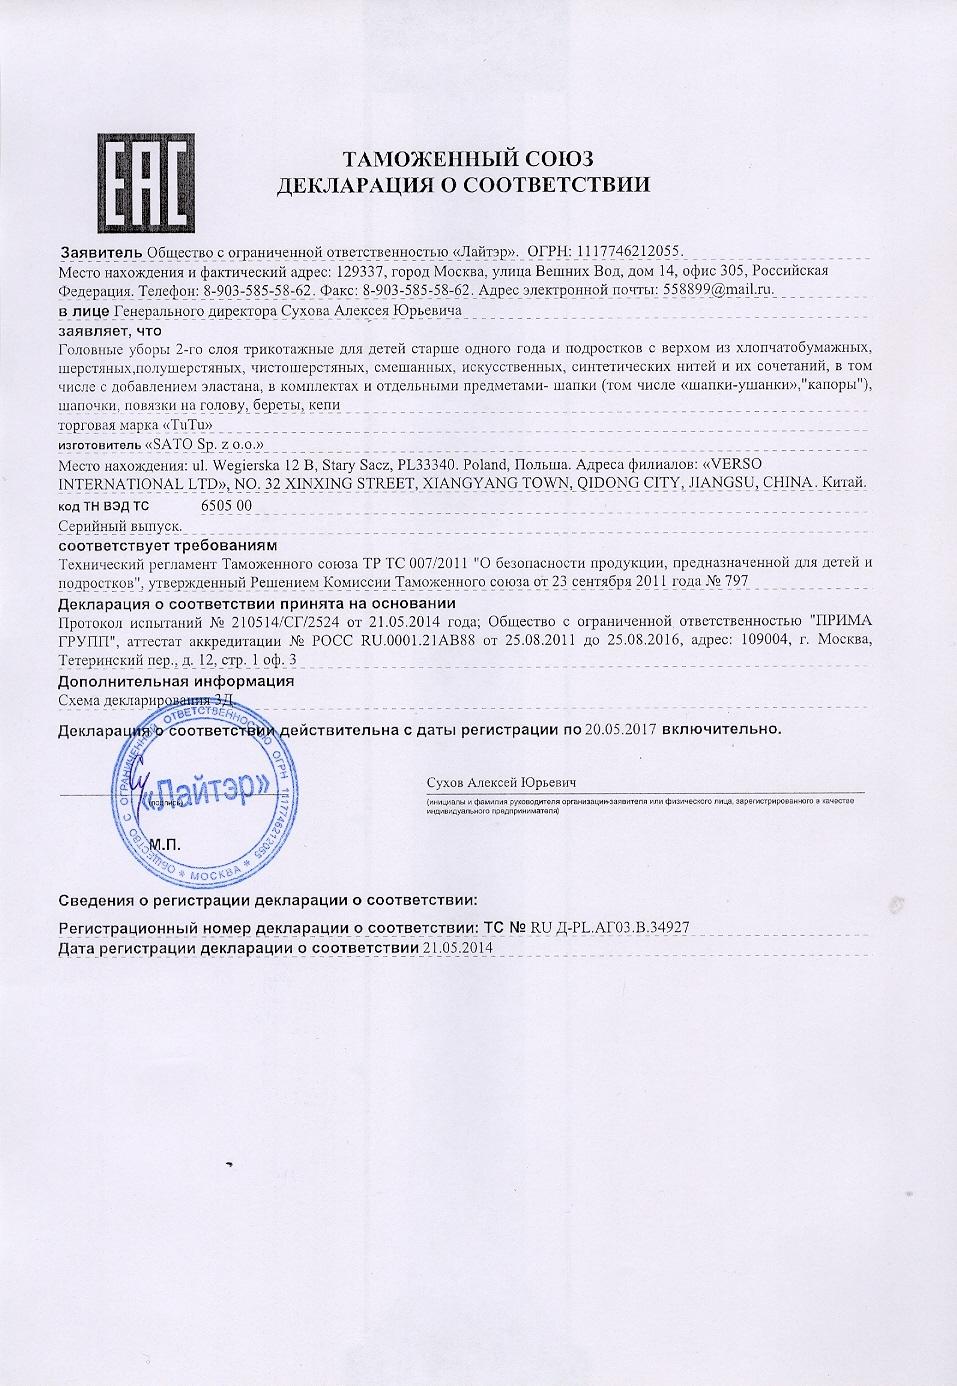 RU_Д-PL.АГ03.В.34927_shapki_trikotazh.jpg